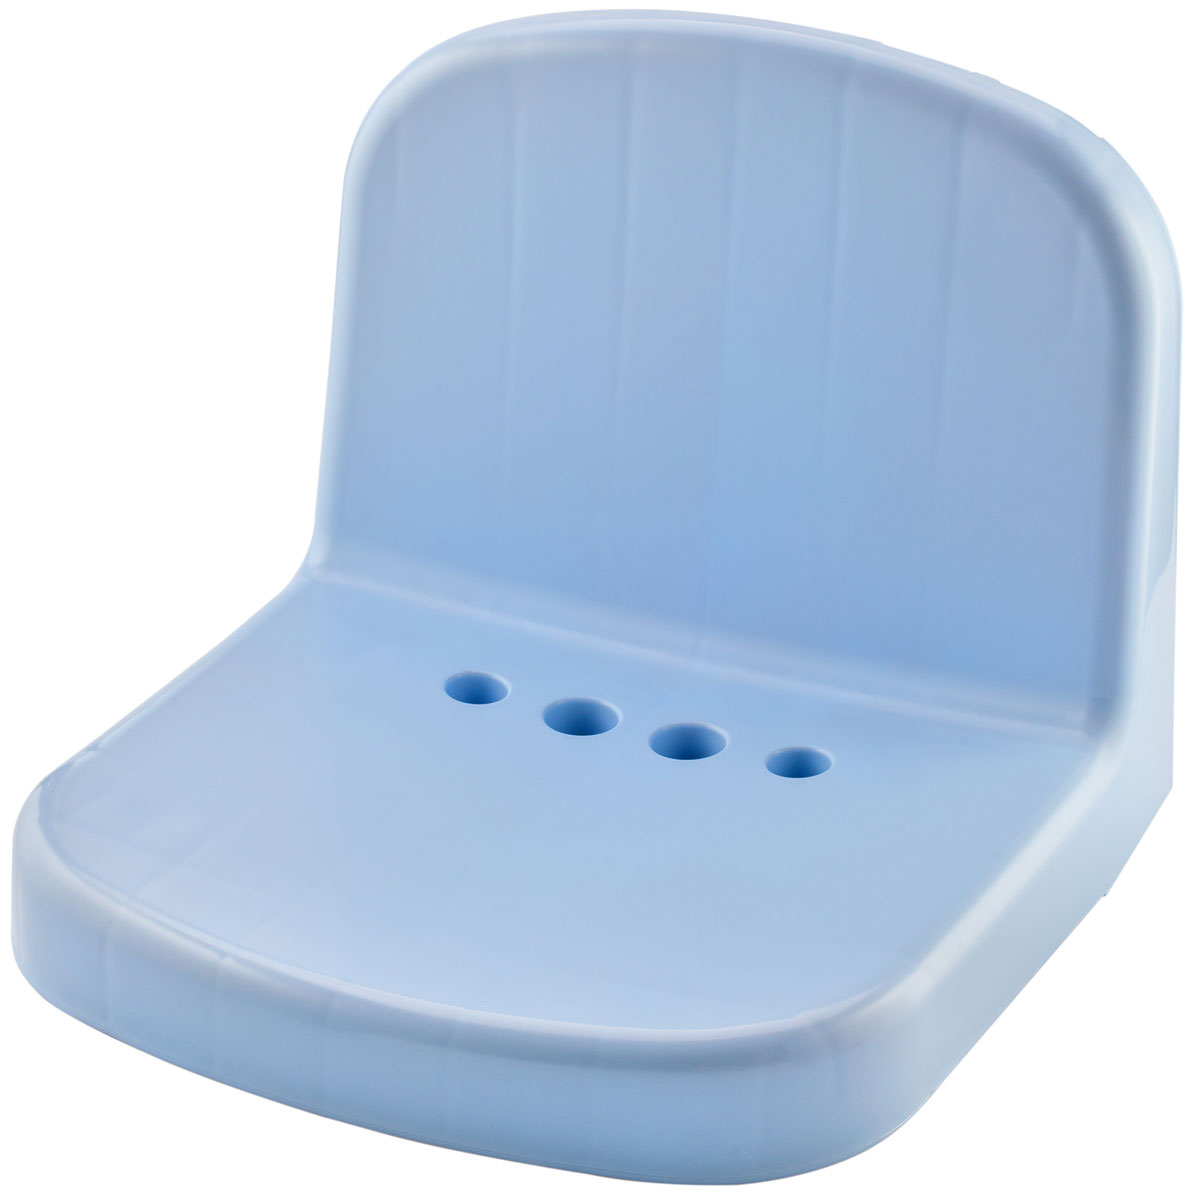 Сиденье для душевой кабины Berossi Molly, цвет: голубой, 35 х 36 х 30 смАС 23408000Сиденье для душевой кабины Berossi Molly используется в бане, у бассейна, на балконе или в ванной комнате.Этот аксессуар способен повысить уровень комфорта во много раз. В душевой он будет необходим людям преклонного возраста или с ограниченными возможностями. Оценят его и женщины, ведь делать маникюр или педикюр, сидя на таком стульчике, намного удобнее. Среди прочих достоинств: отверстия округлой формы в основании сиденья для оттока воды;пластик, из которого выполнено изделие, моментально прогревается, быстро высыхает и не ржавеет от воздействия влаги; специальная обработка поверхности сиденья предотвращает скольжение на нем даже при значительном уровне влажности; спинка позволяет избежать контакта с холодной стеной и комфортом расслабиться, давая отдых спине; монолитная конструкция с отсутствием стыков упрощает уход за изделием, которое легко моется стандартными моющими средствами. Сиденья Molly выполнены из высококачественного пластика, выдерживающего нагрузку до 150 кг. В комплект входит инструкция на этикетке и все необходимые шурупы и дюбели для надежной фиксации изделия к стене.